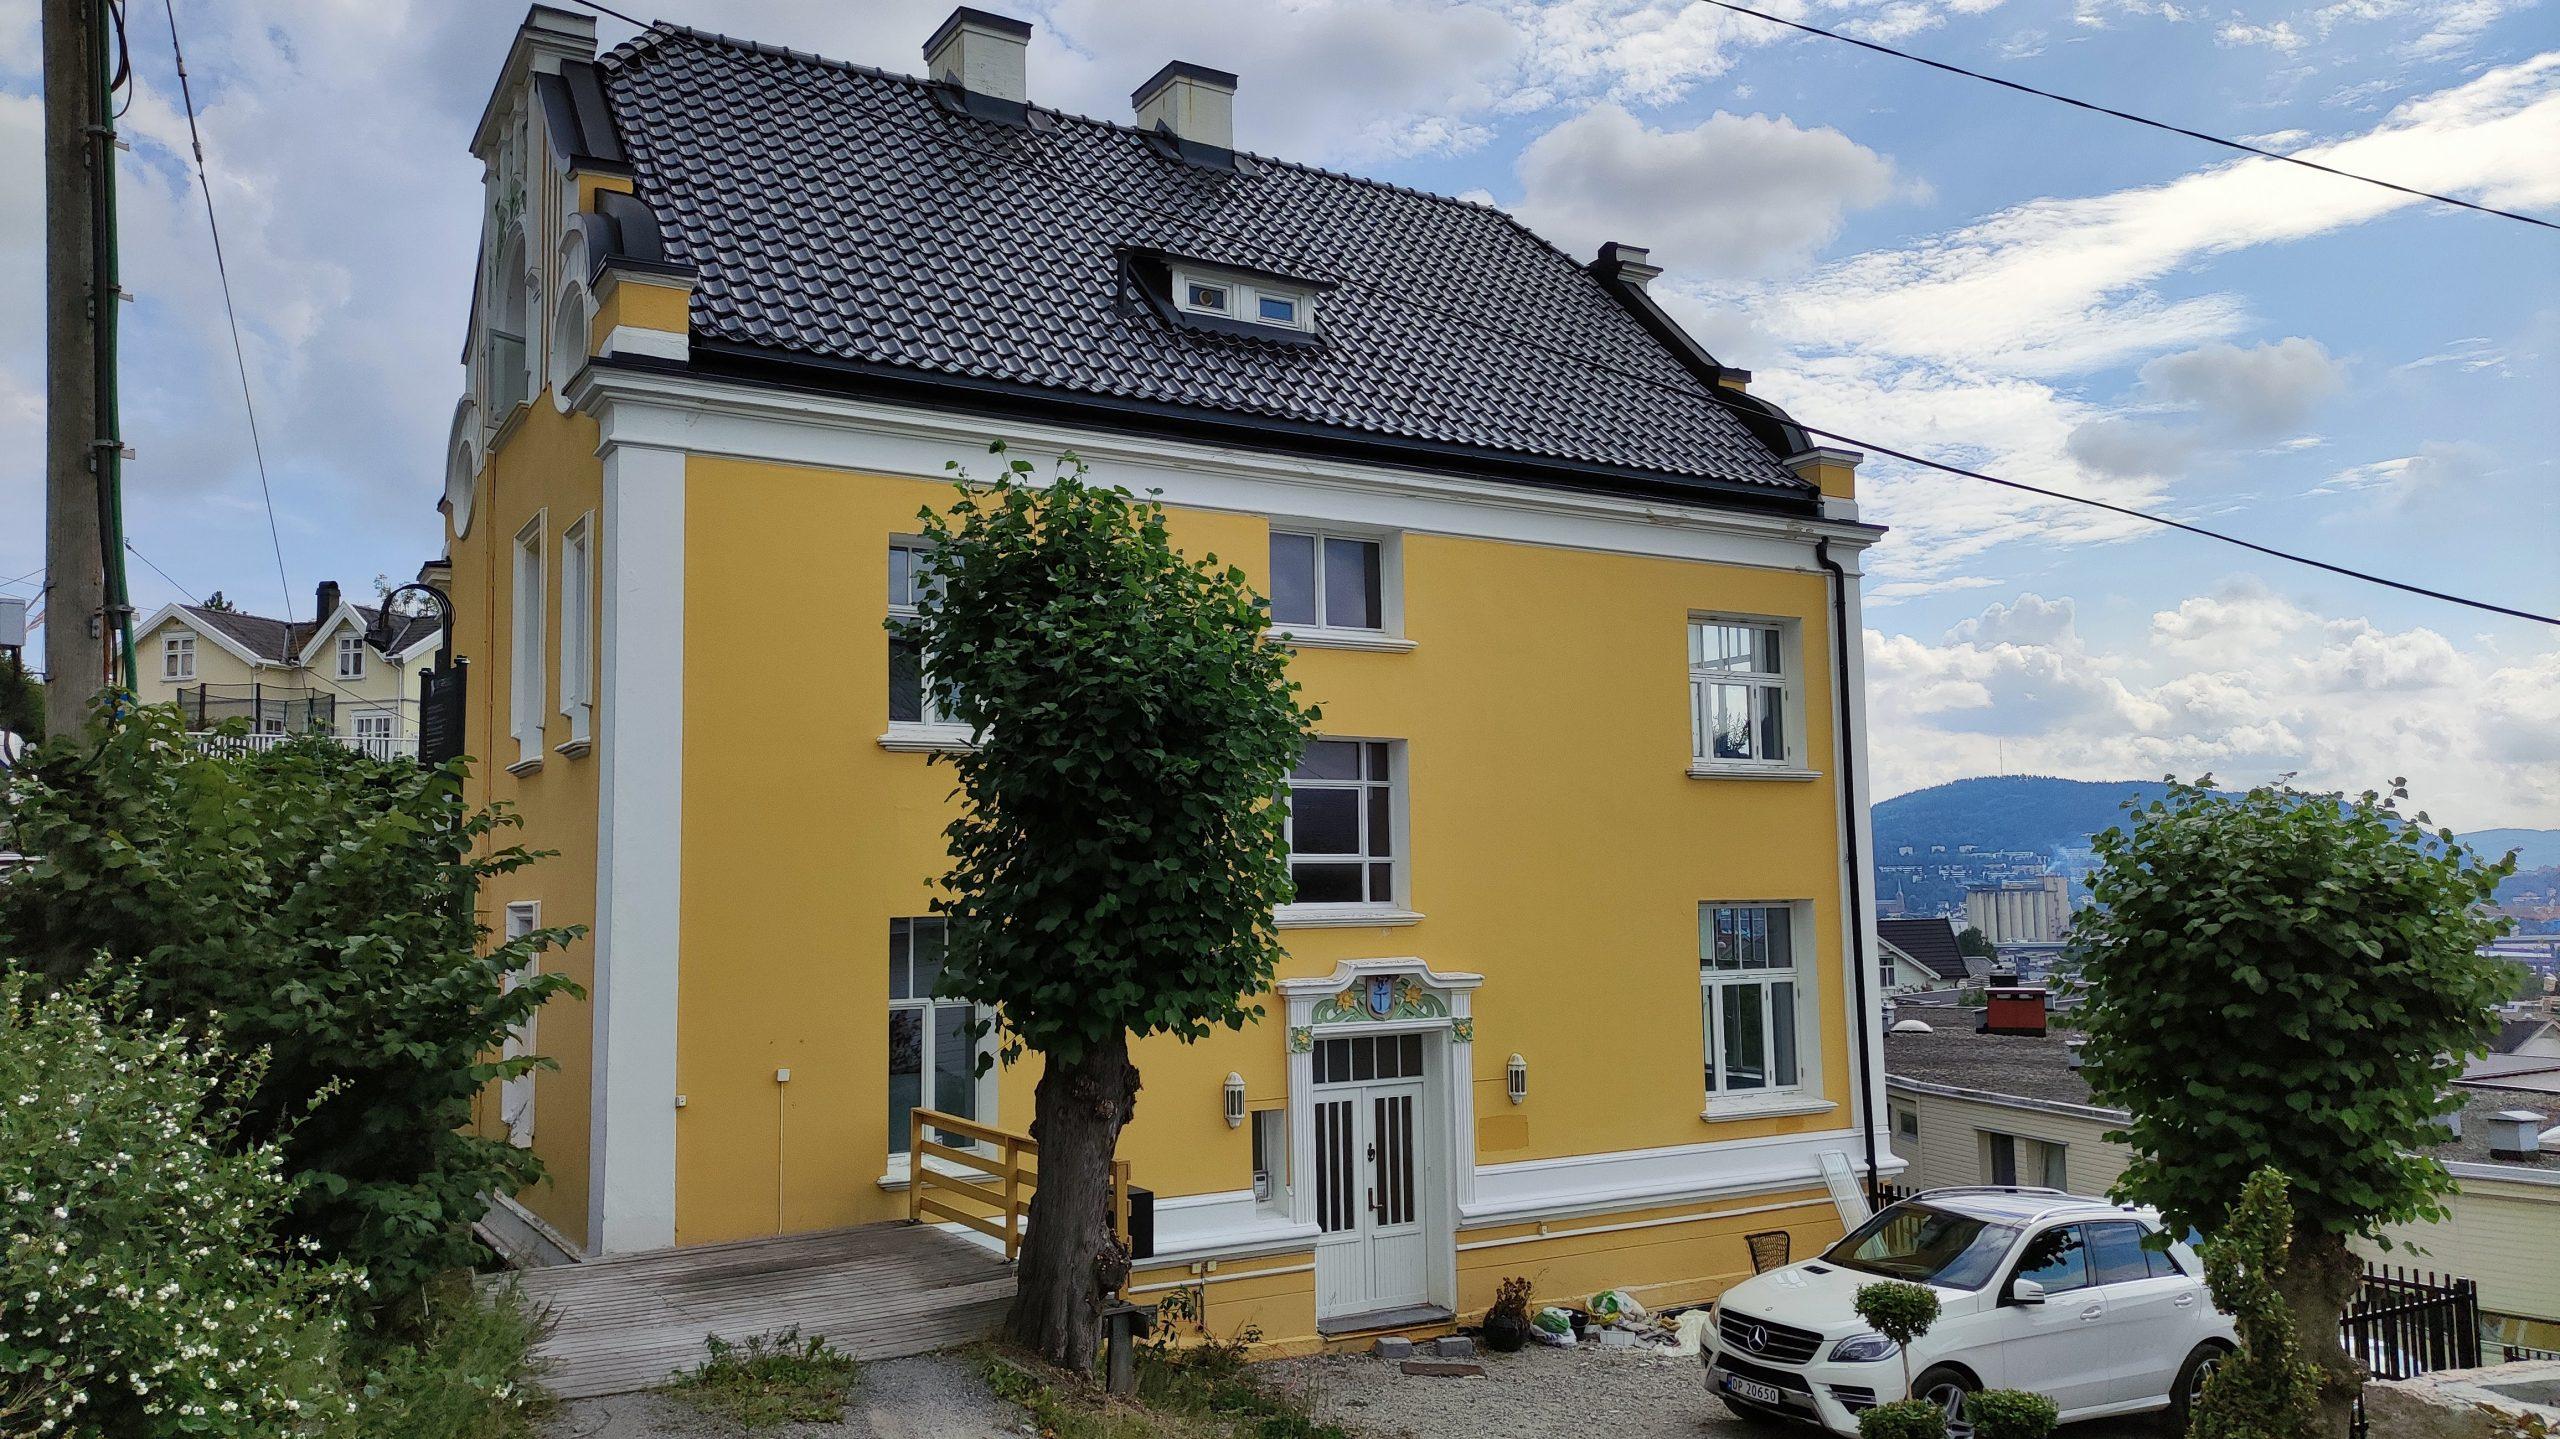 Jugendvilla Fra Siden